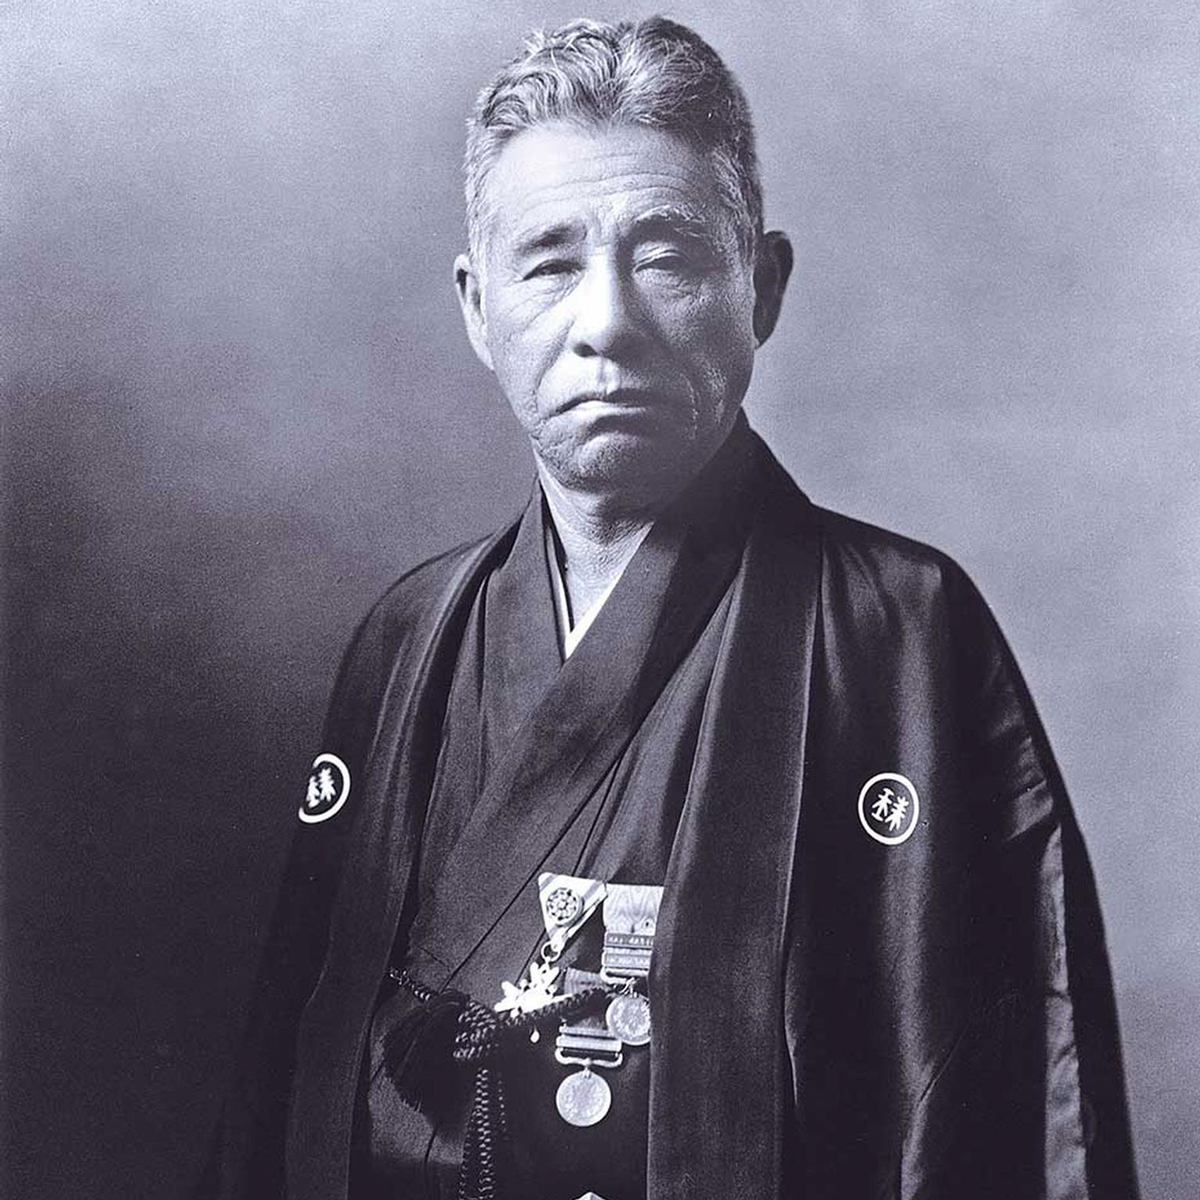 Kokichi Mikimoto